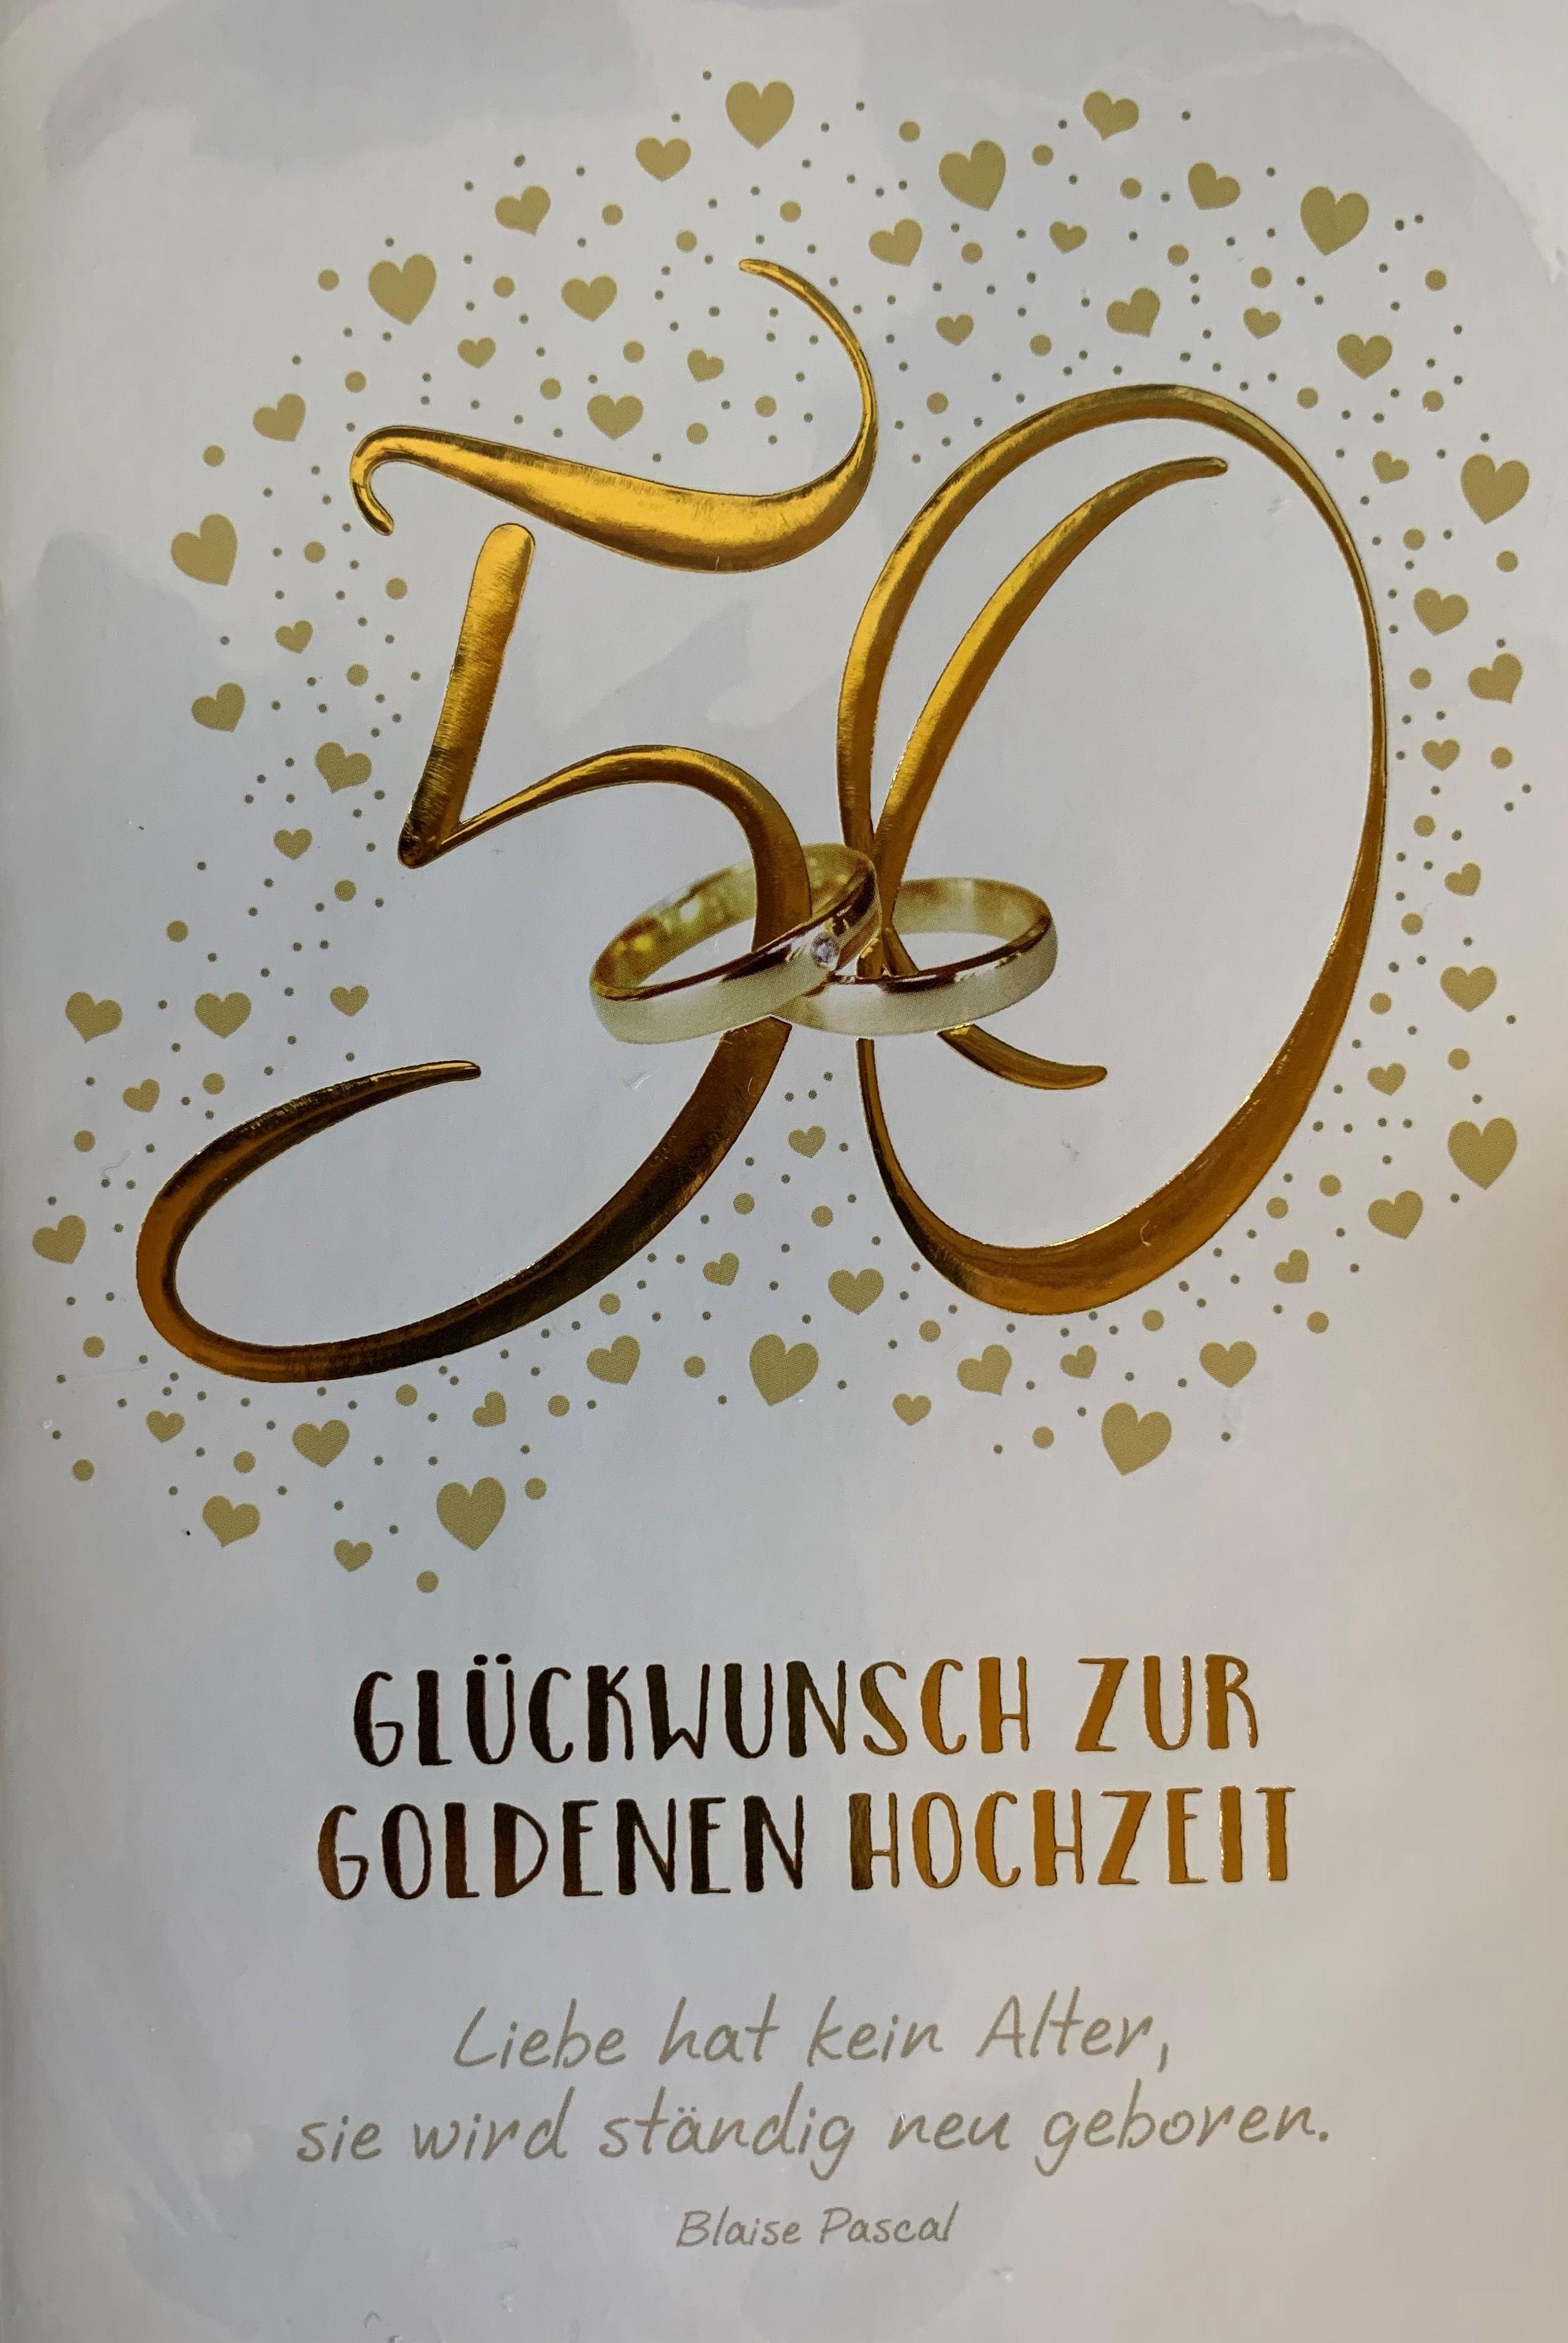 Goldhochzeit 03-72-8010